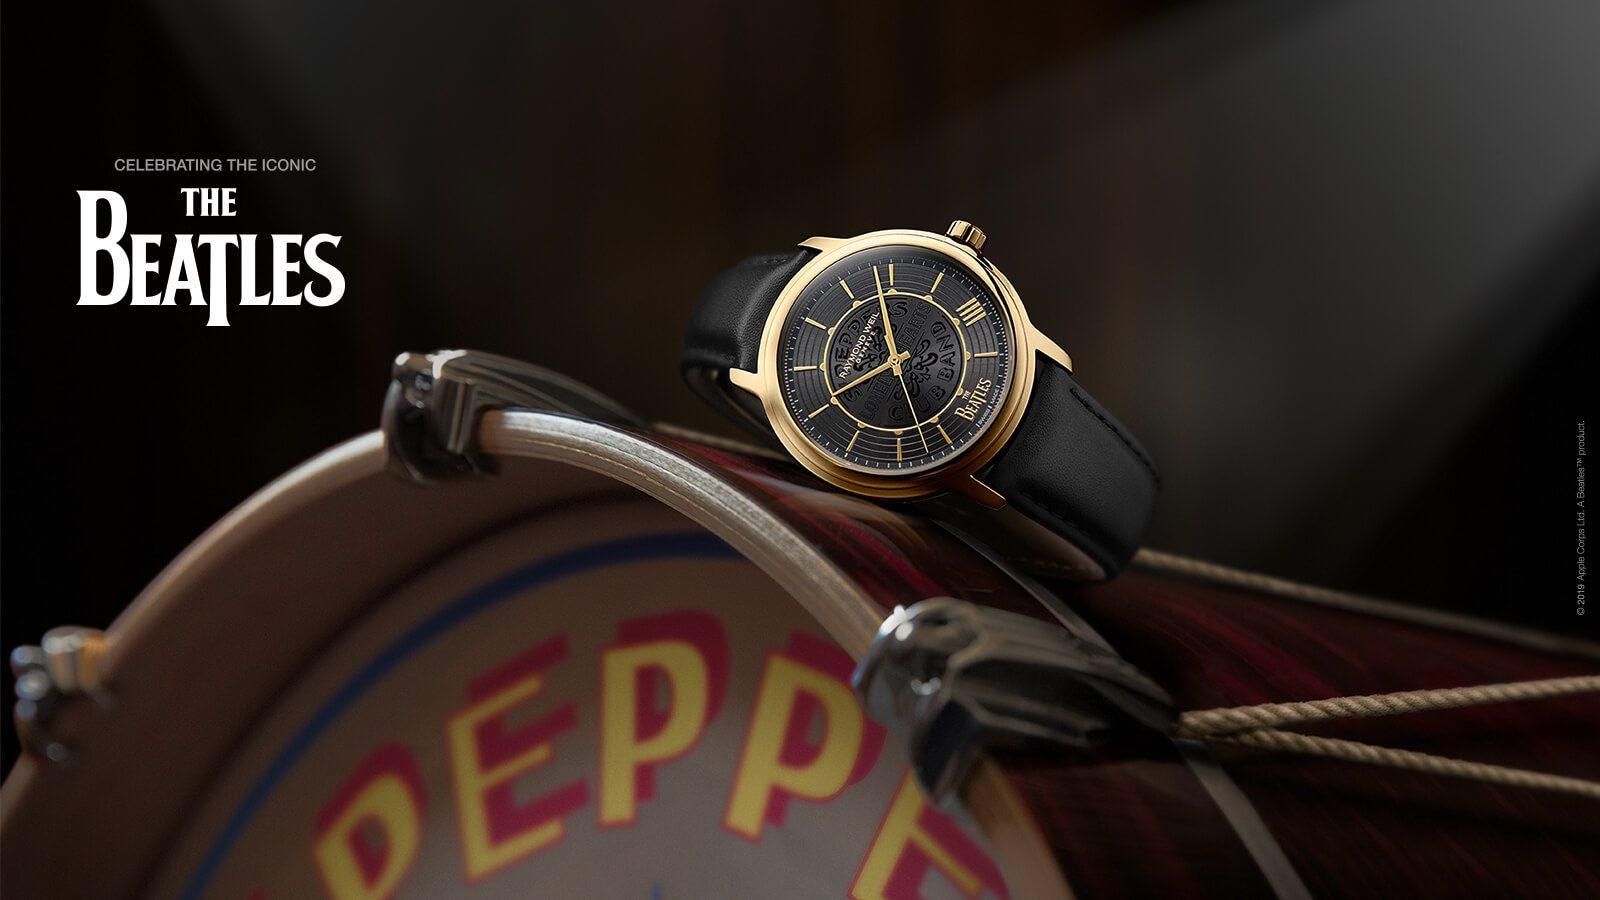 b6a9691d364 RAYMOND WEIL Official Website - Luxury Swiss Watches